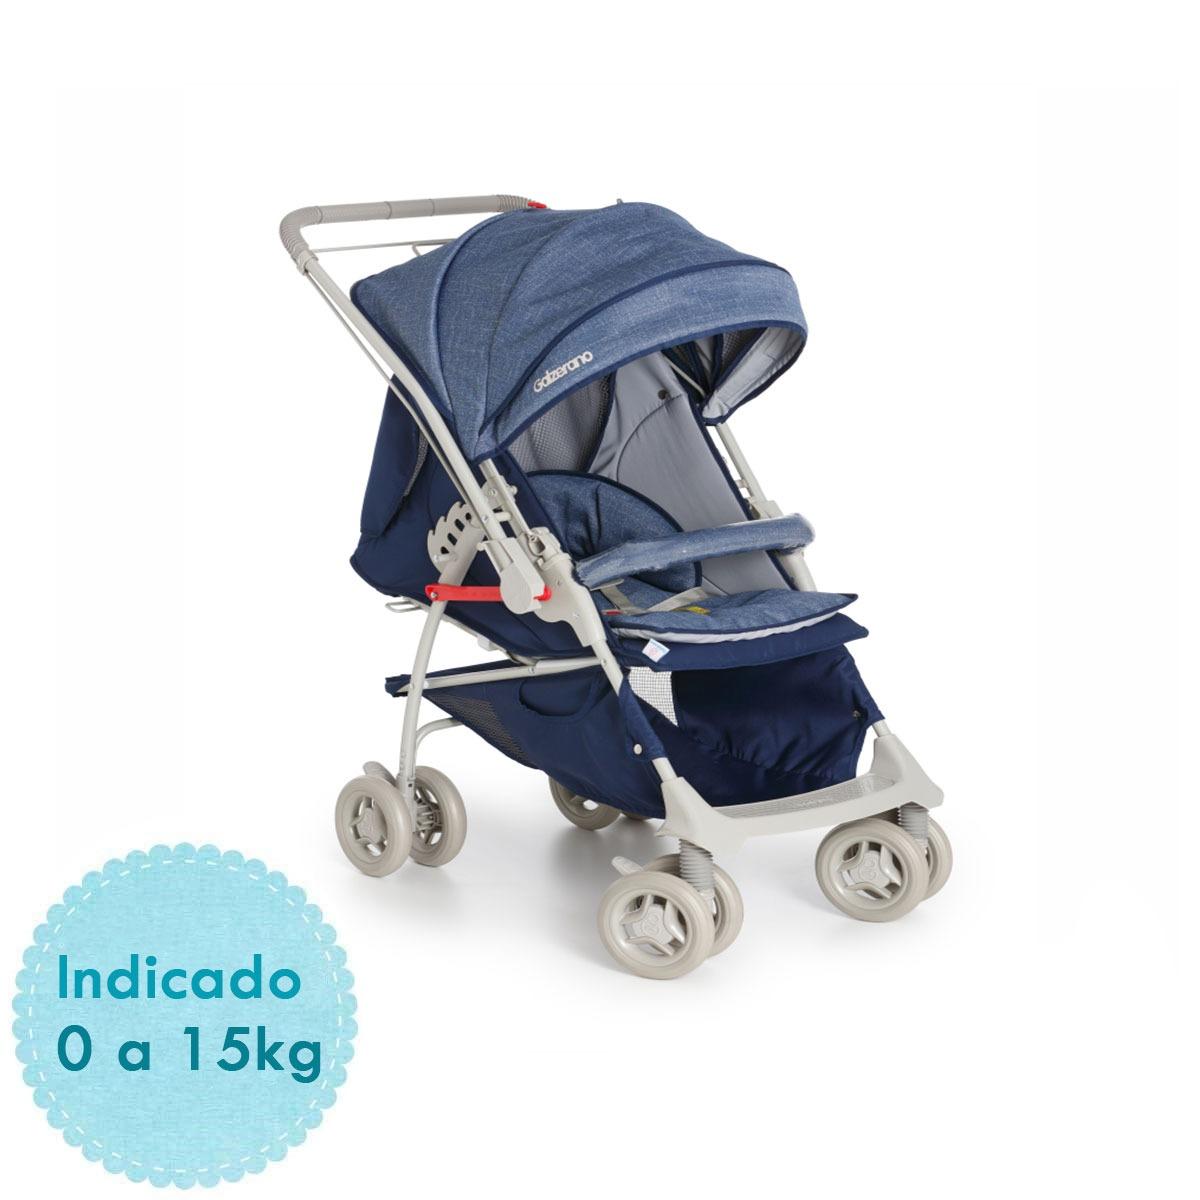 1bc4892b33 carrinho de bebê galzerano maranello ii - azul. Carregando zoom.